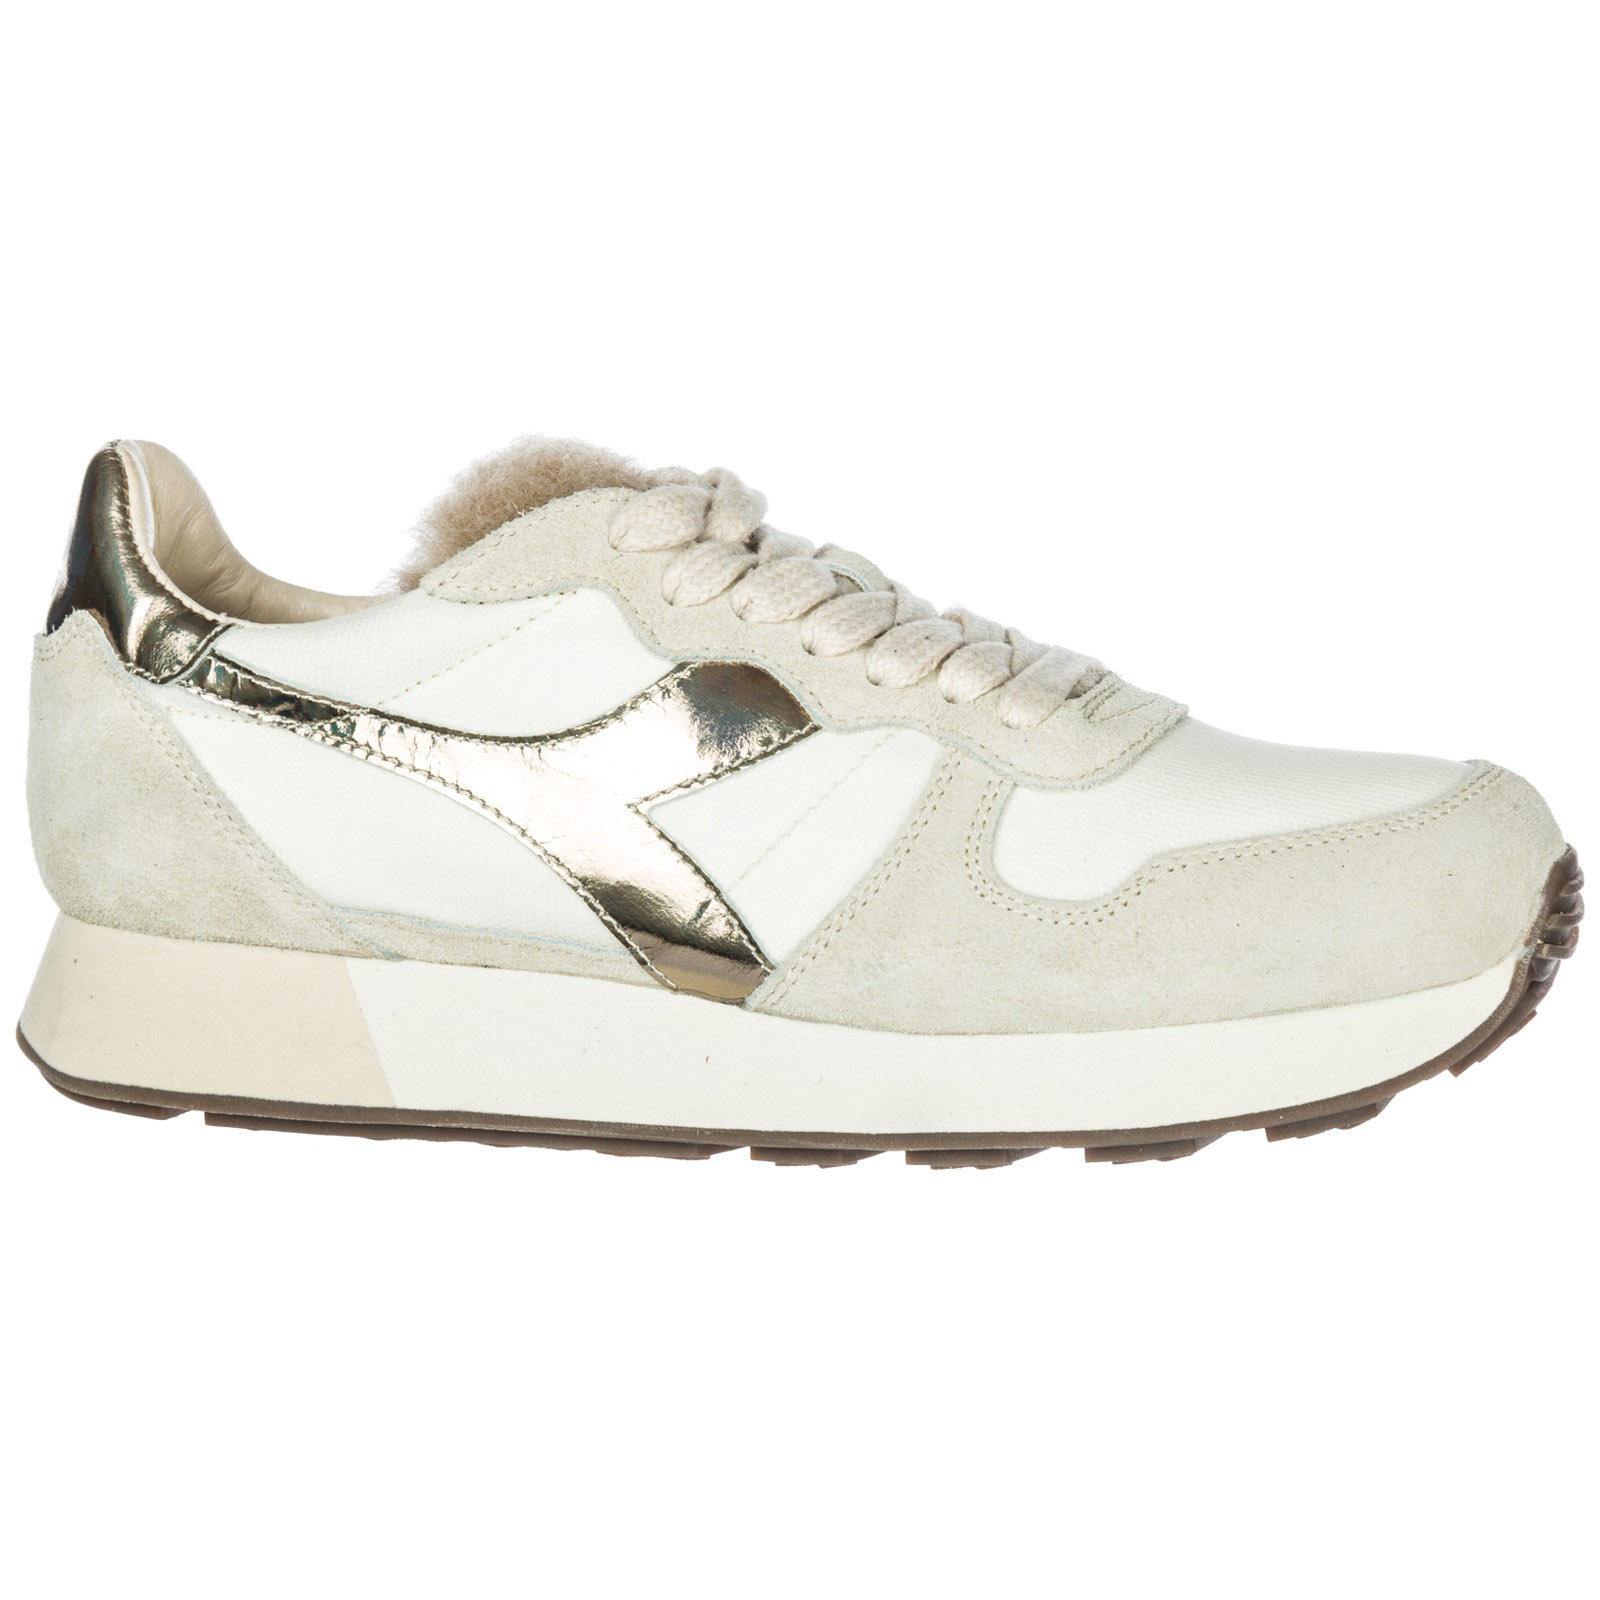 Beige 173894 Diadora Heritage 201 Sneakers Fog wx8Y71qng